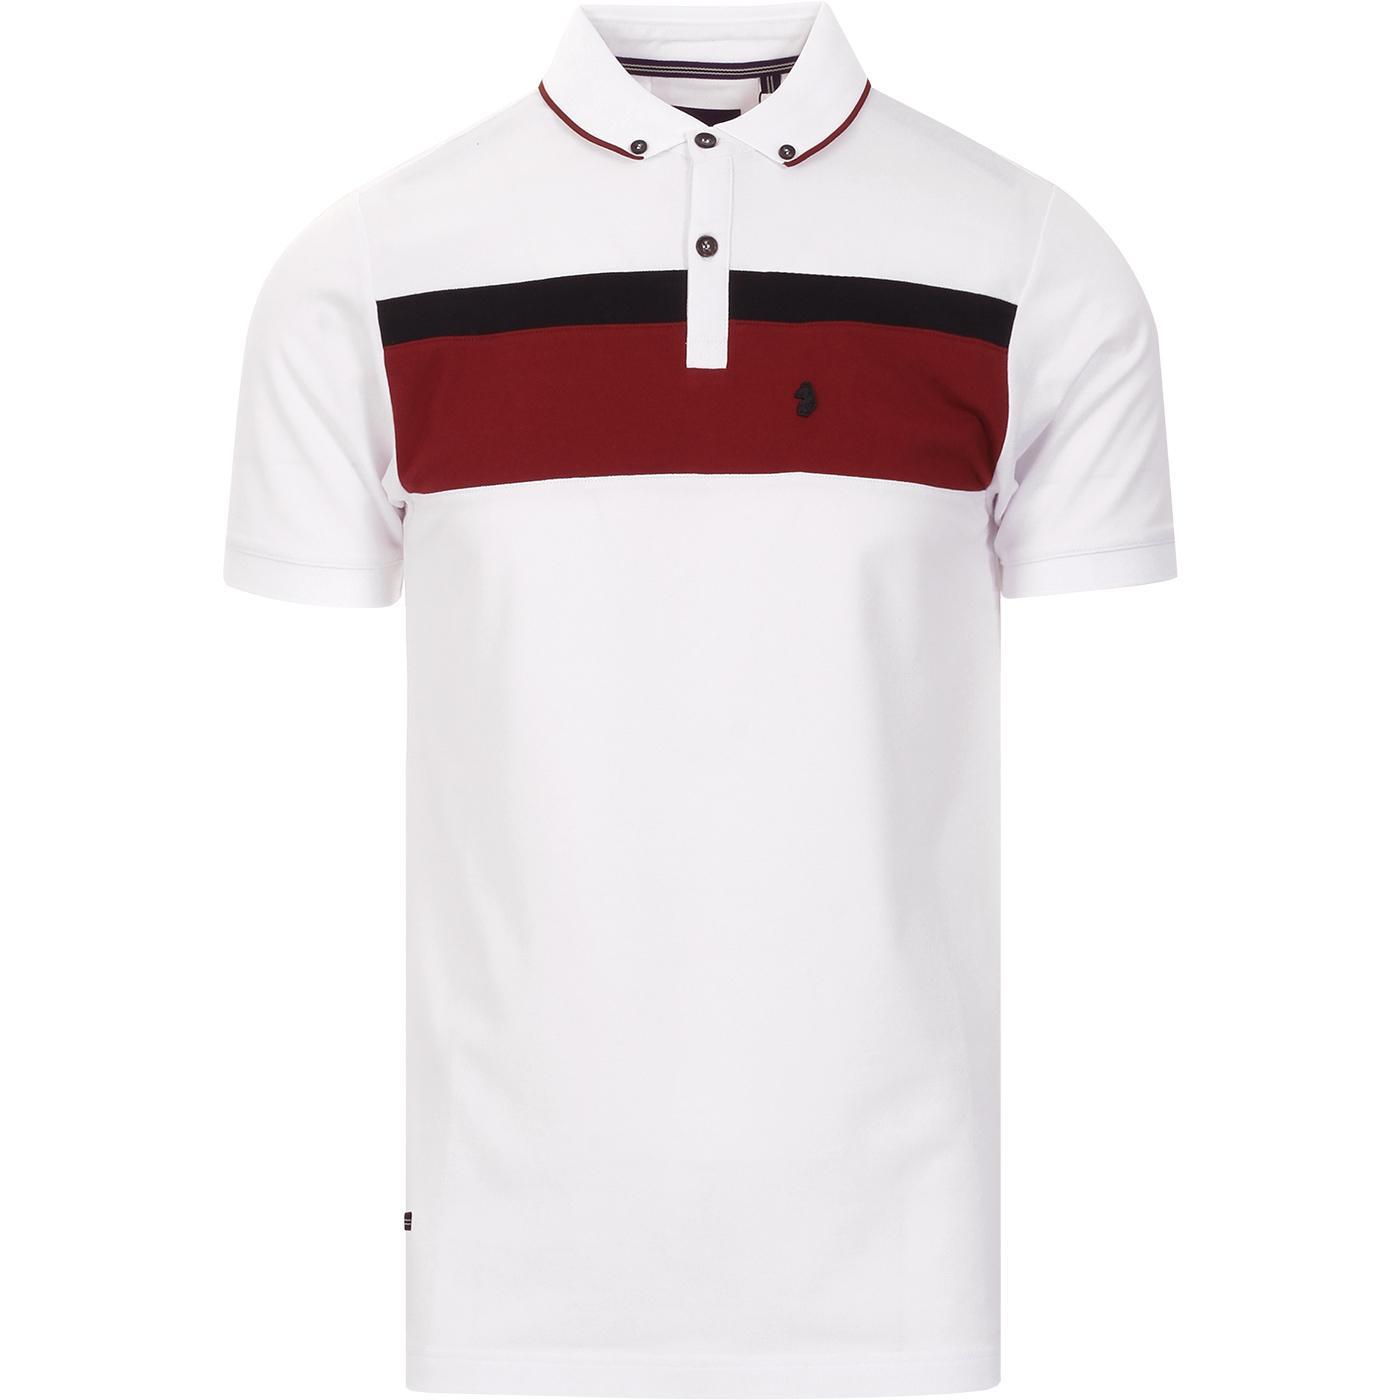 Outdy Nial LUKE Retro Mod Chest Stripe Polo WHITE